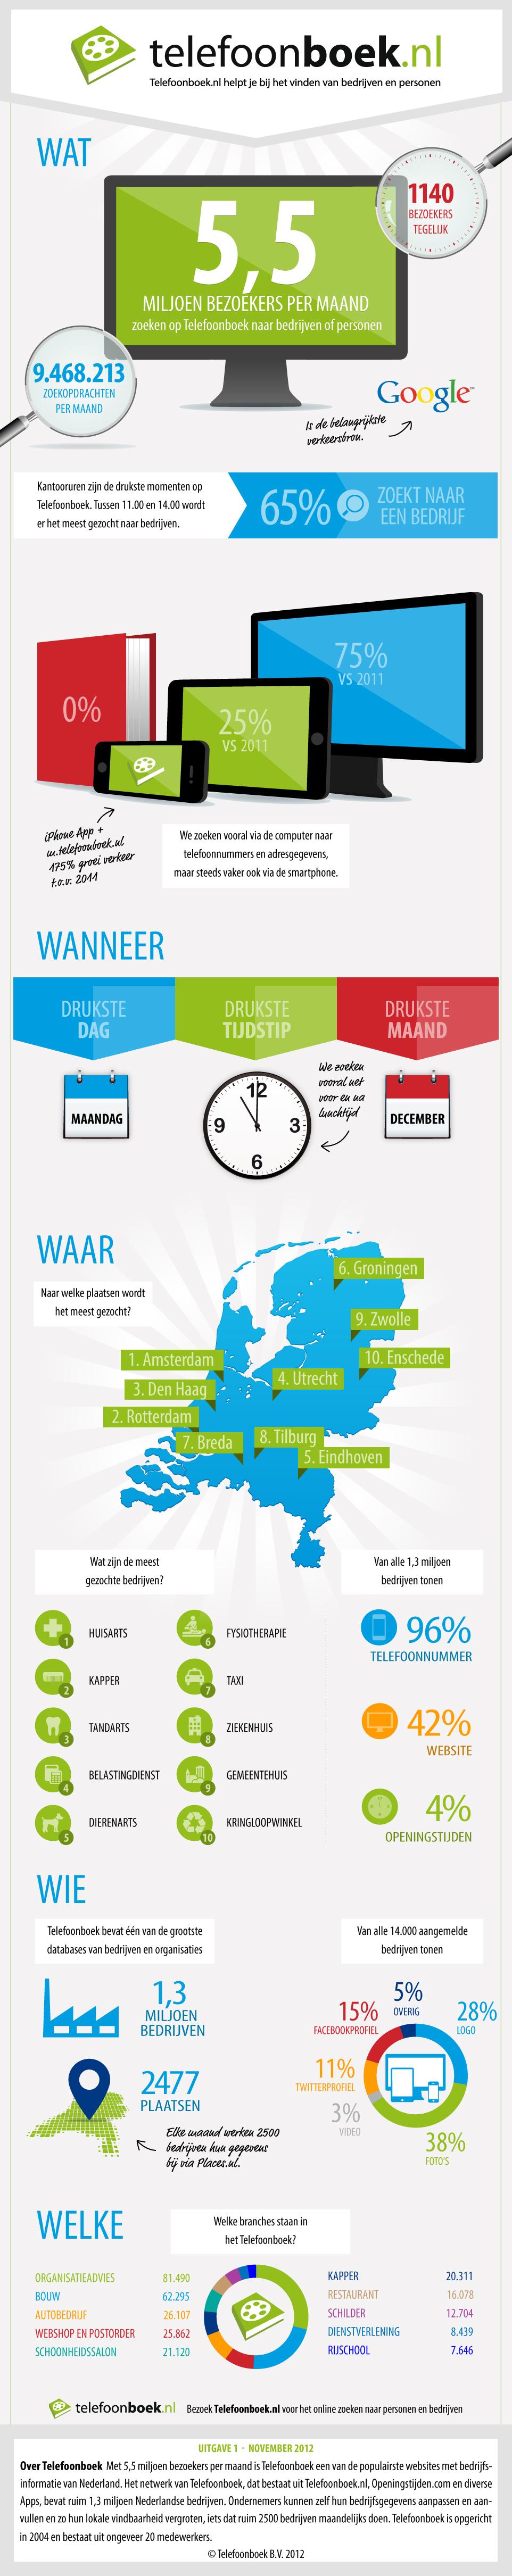 Infographic_Telefoonboek_algemeen